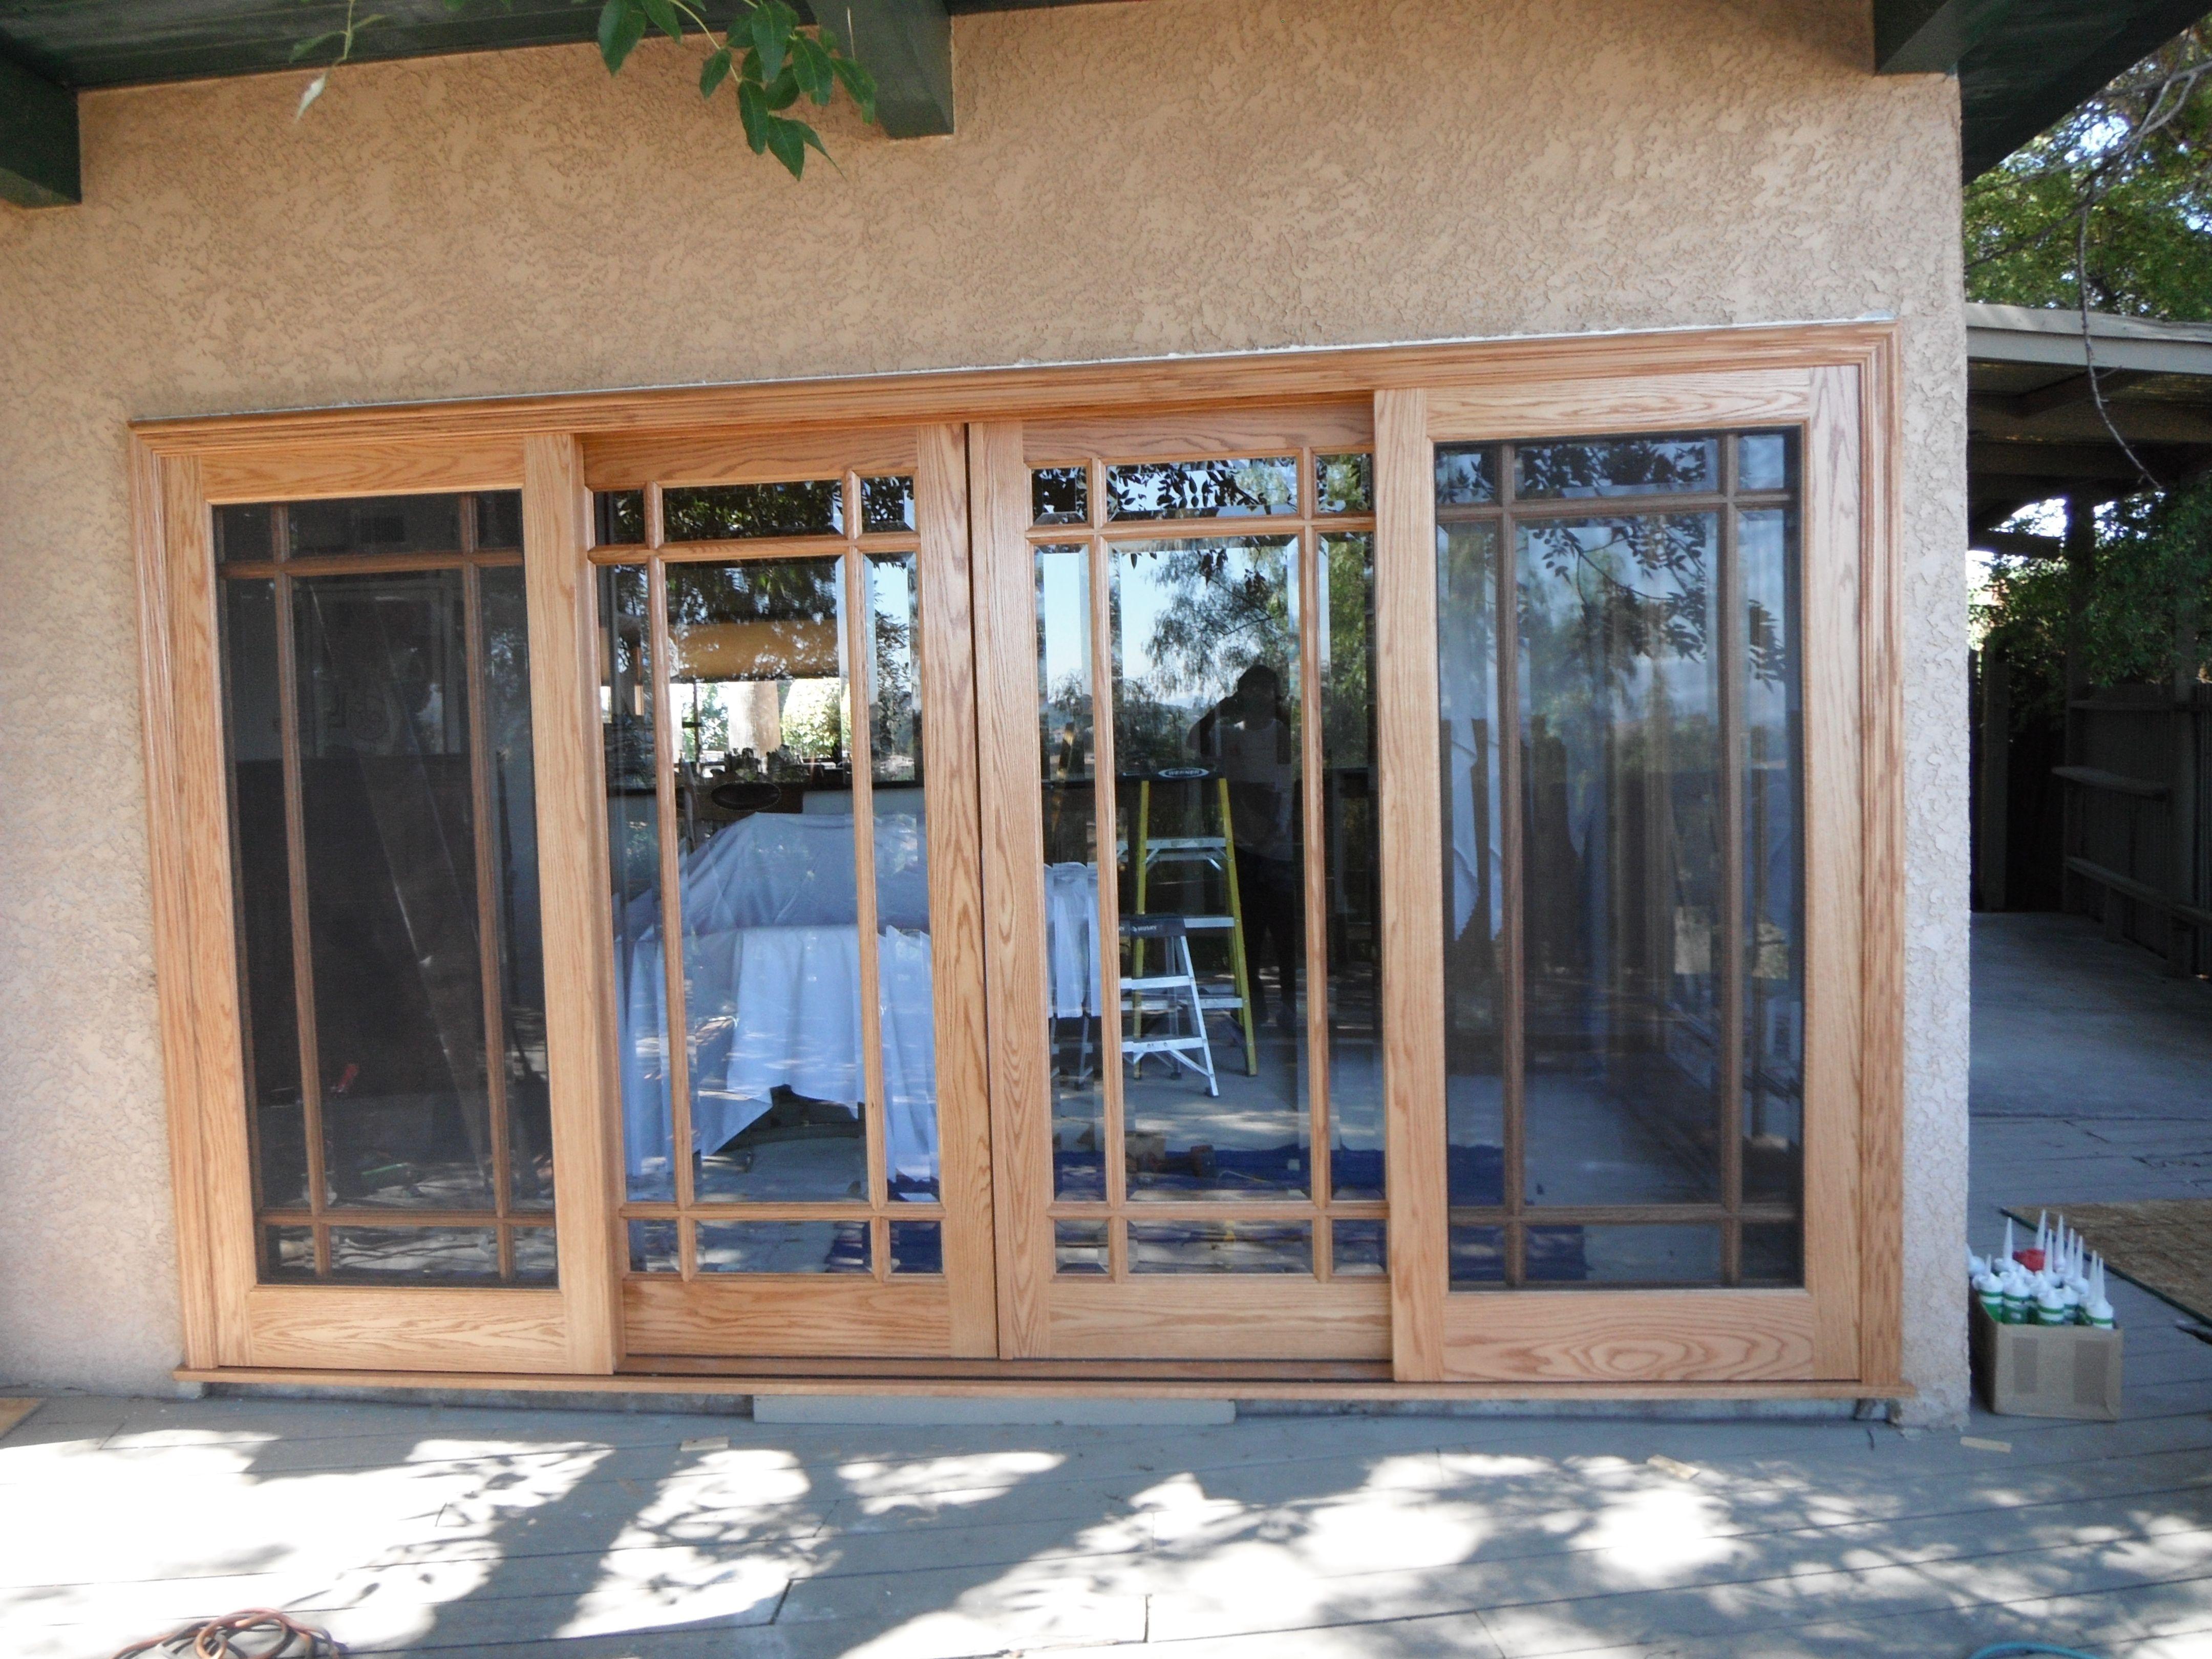 Craftsman Patio Doors Google Search Craftsman Patio Doors Sliding Glass Door Exterior Wood